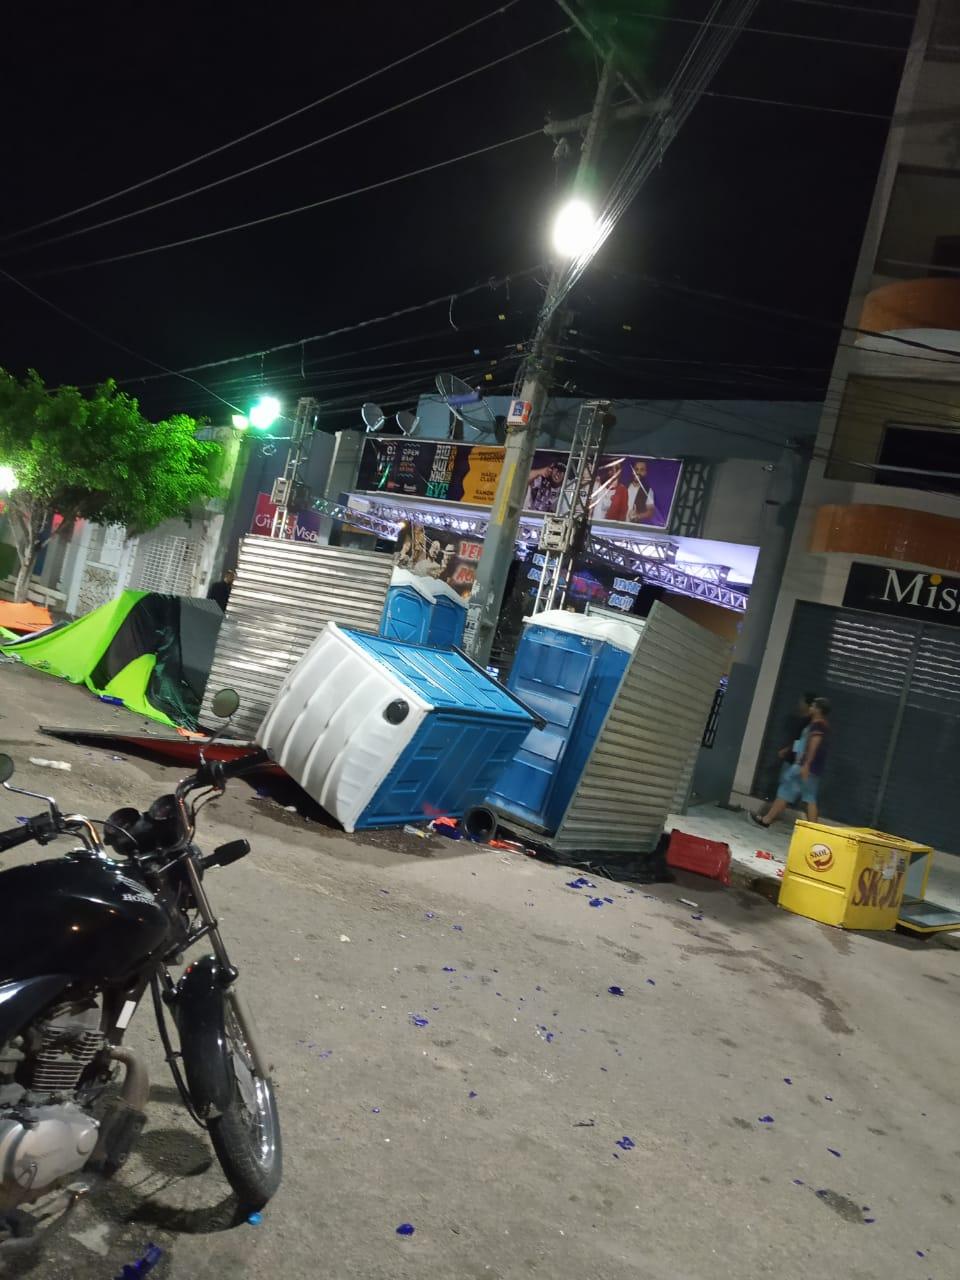 Festa particular termina em tumultuo e vandalismo em Belo Jardim